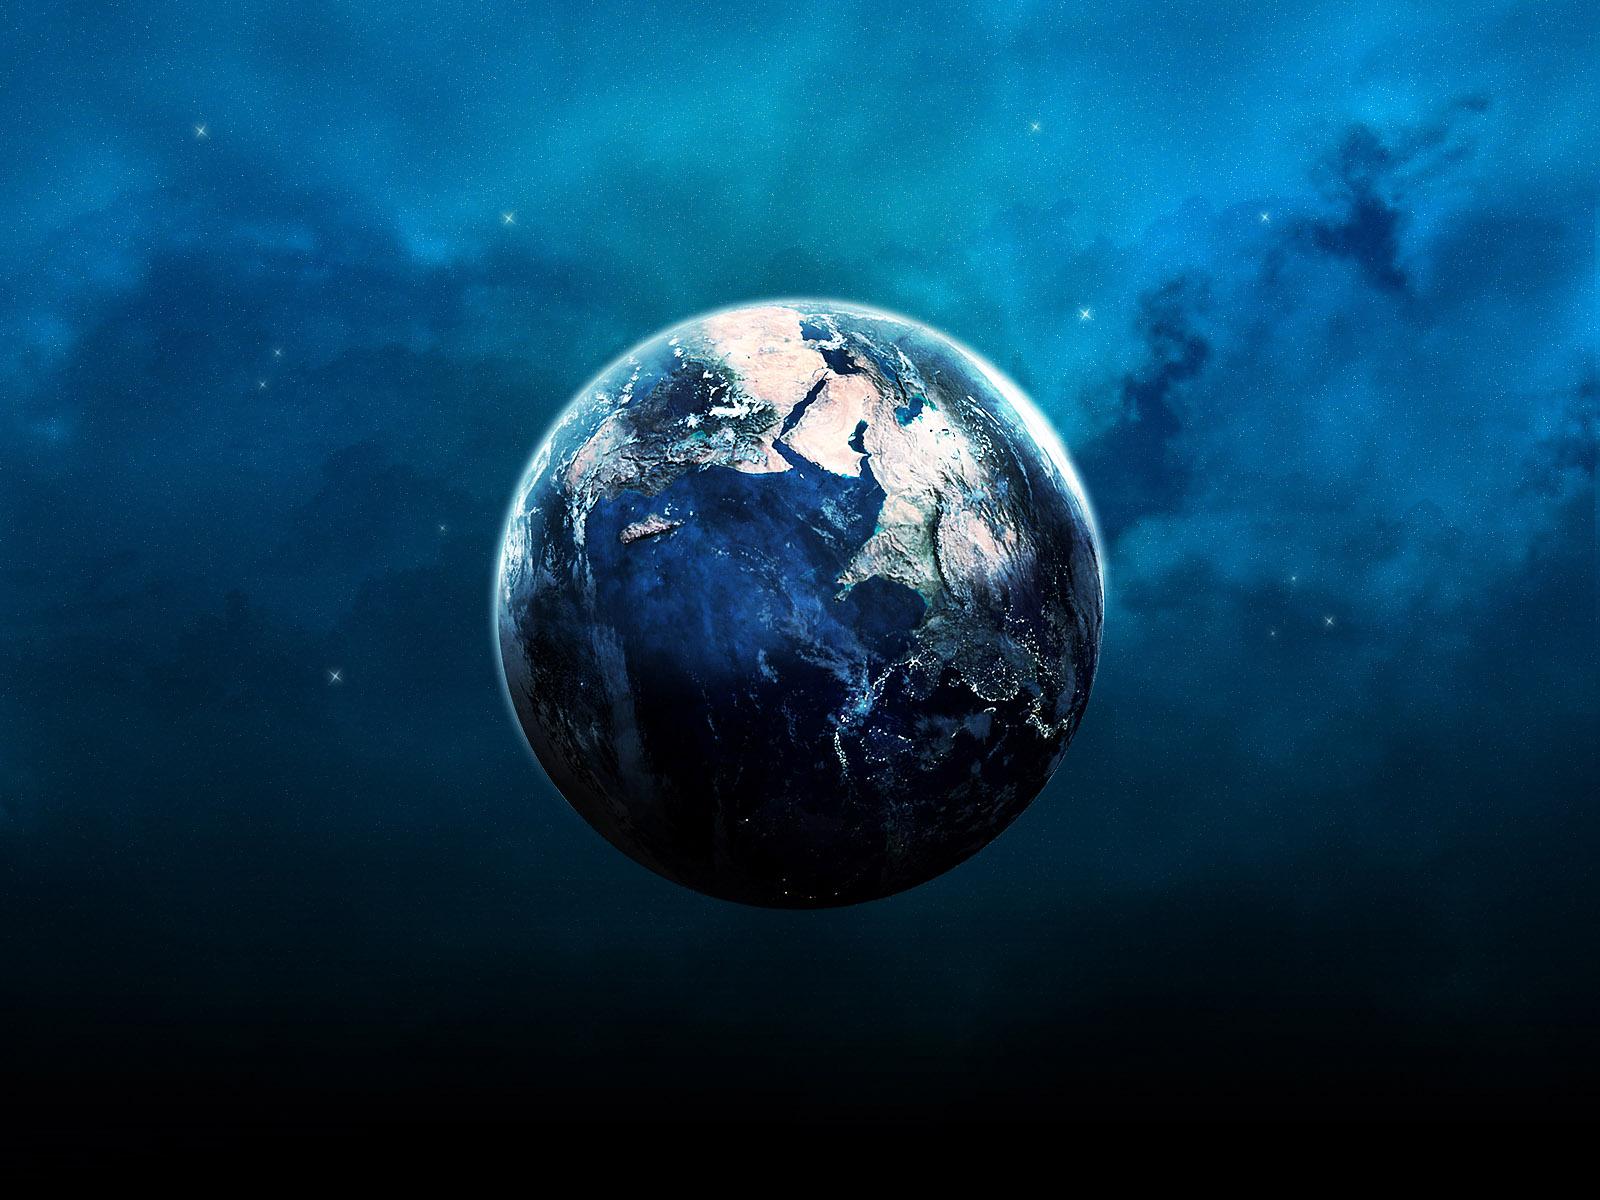 http://3.bp.blogspot.com/-ji62Uvr9wG8/Tnspk3U_PmI/AAAAAAAAAVc/hTCAIkKkvGY/s1600/blue_earth-normal.jpg